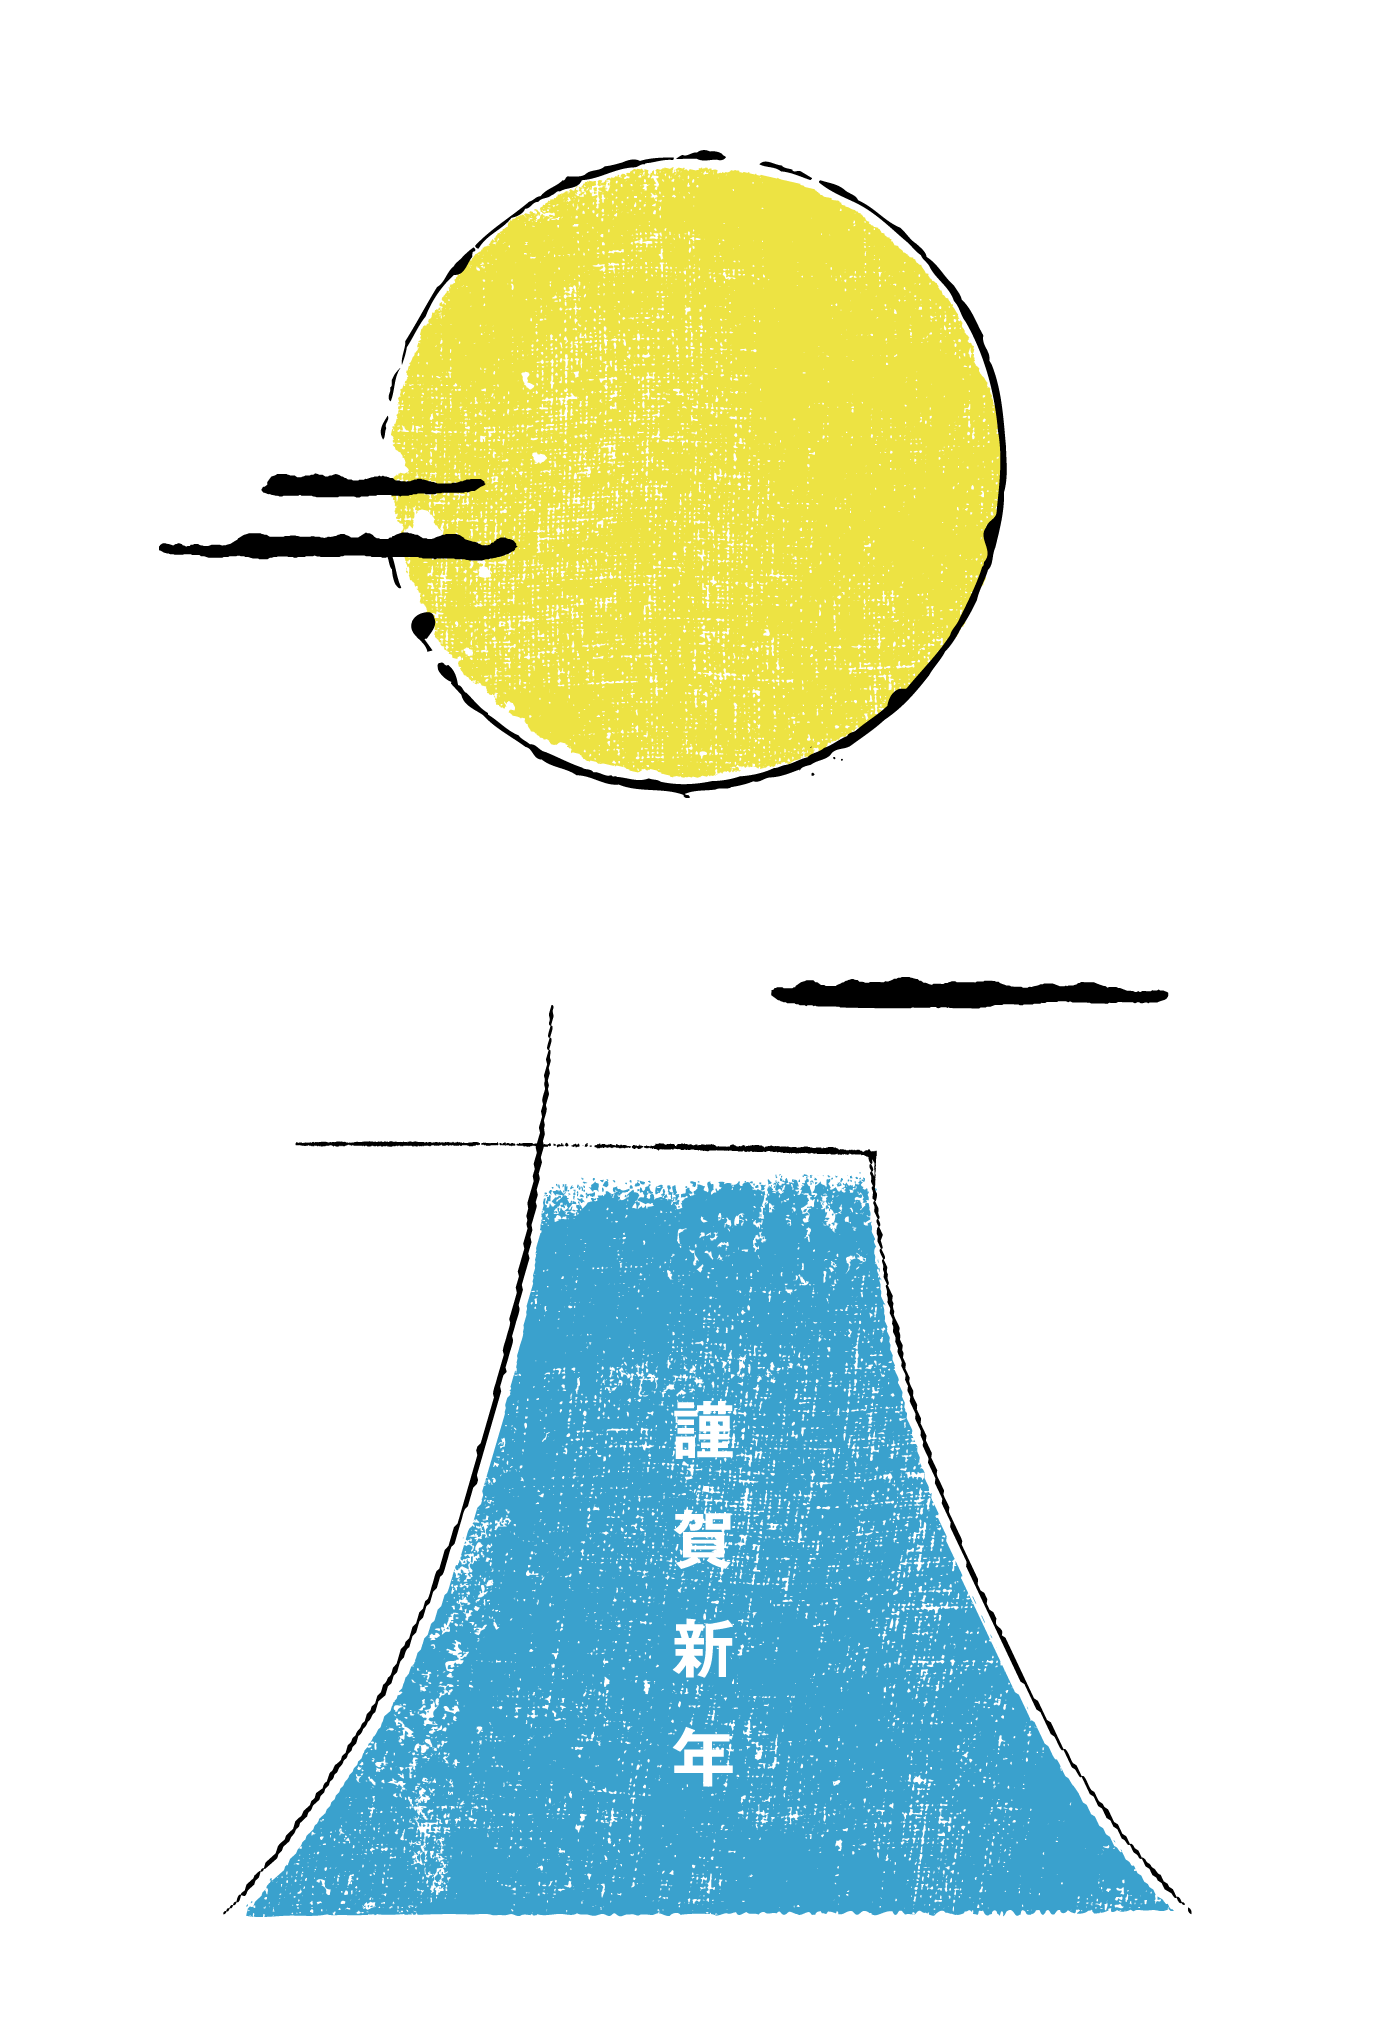 2019年賀状18-2:Mt.二〇一九 / 謹賀新年のダウンロード画像